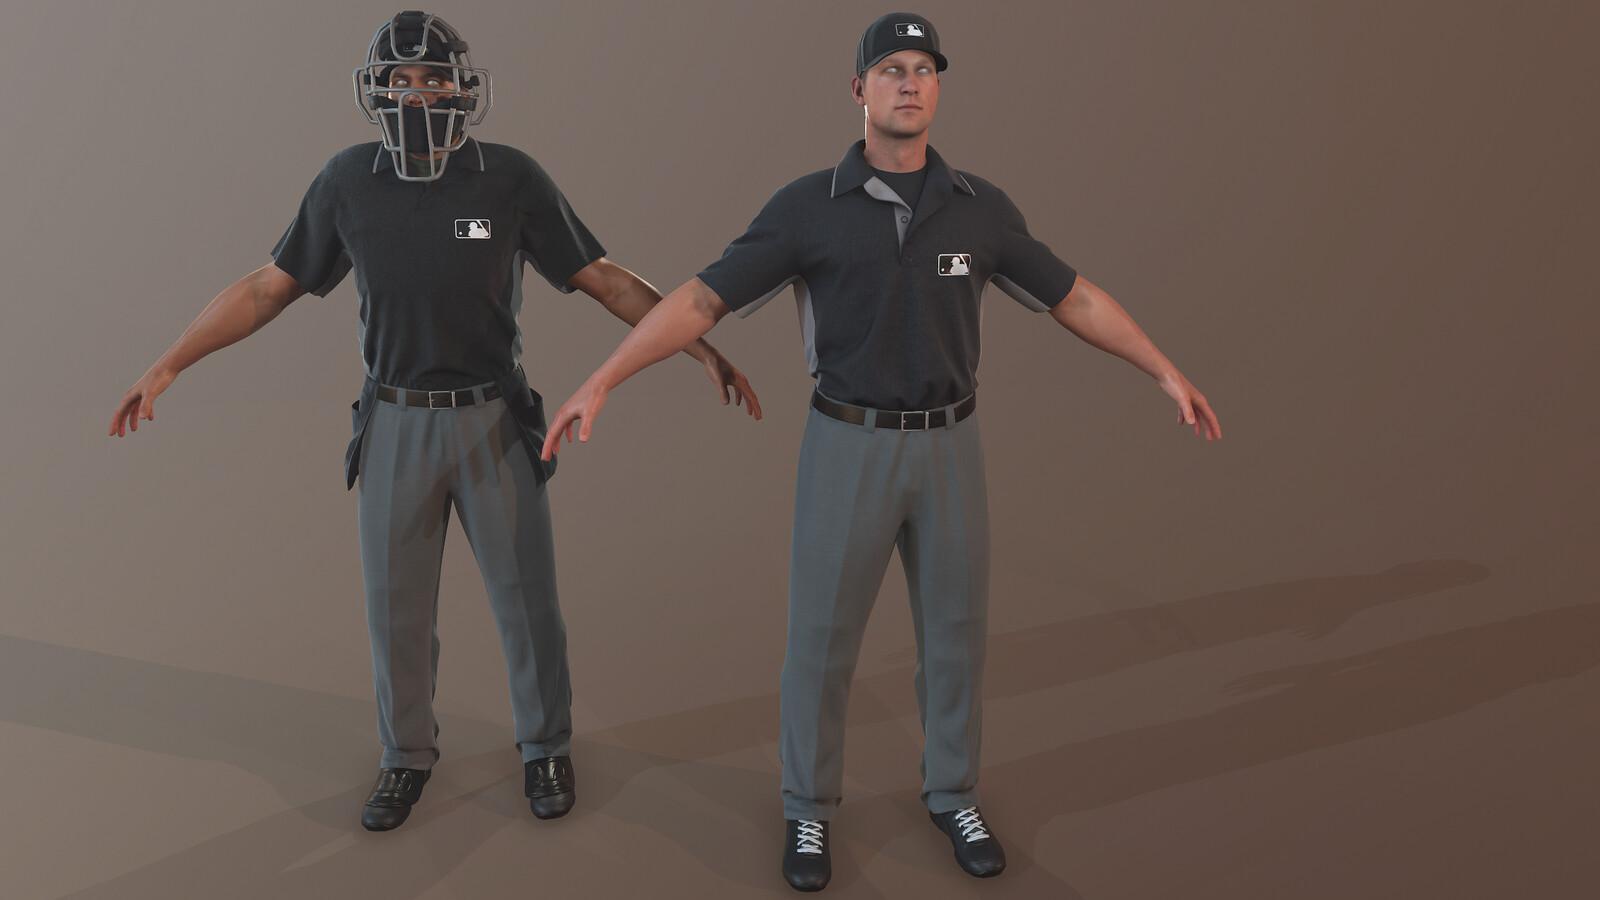 RBI 19 Umpire